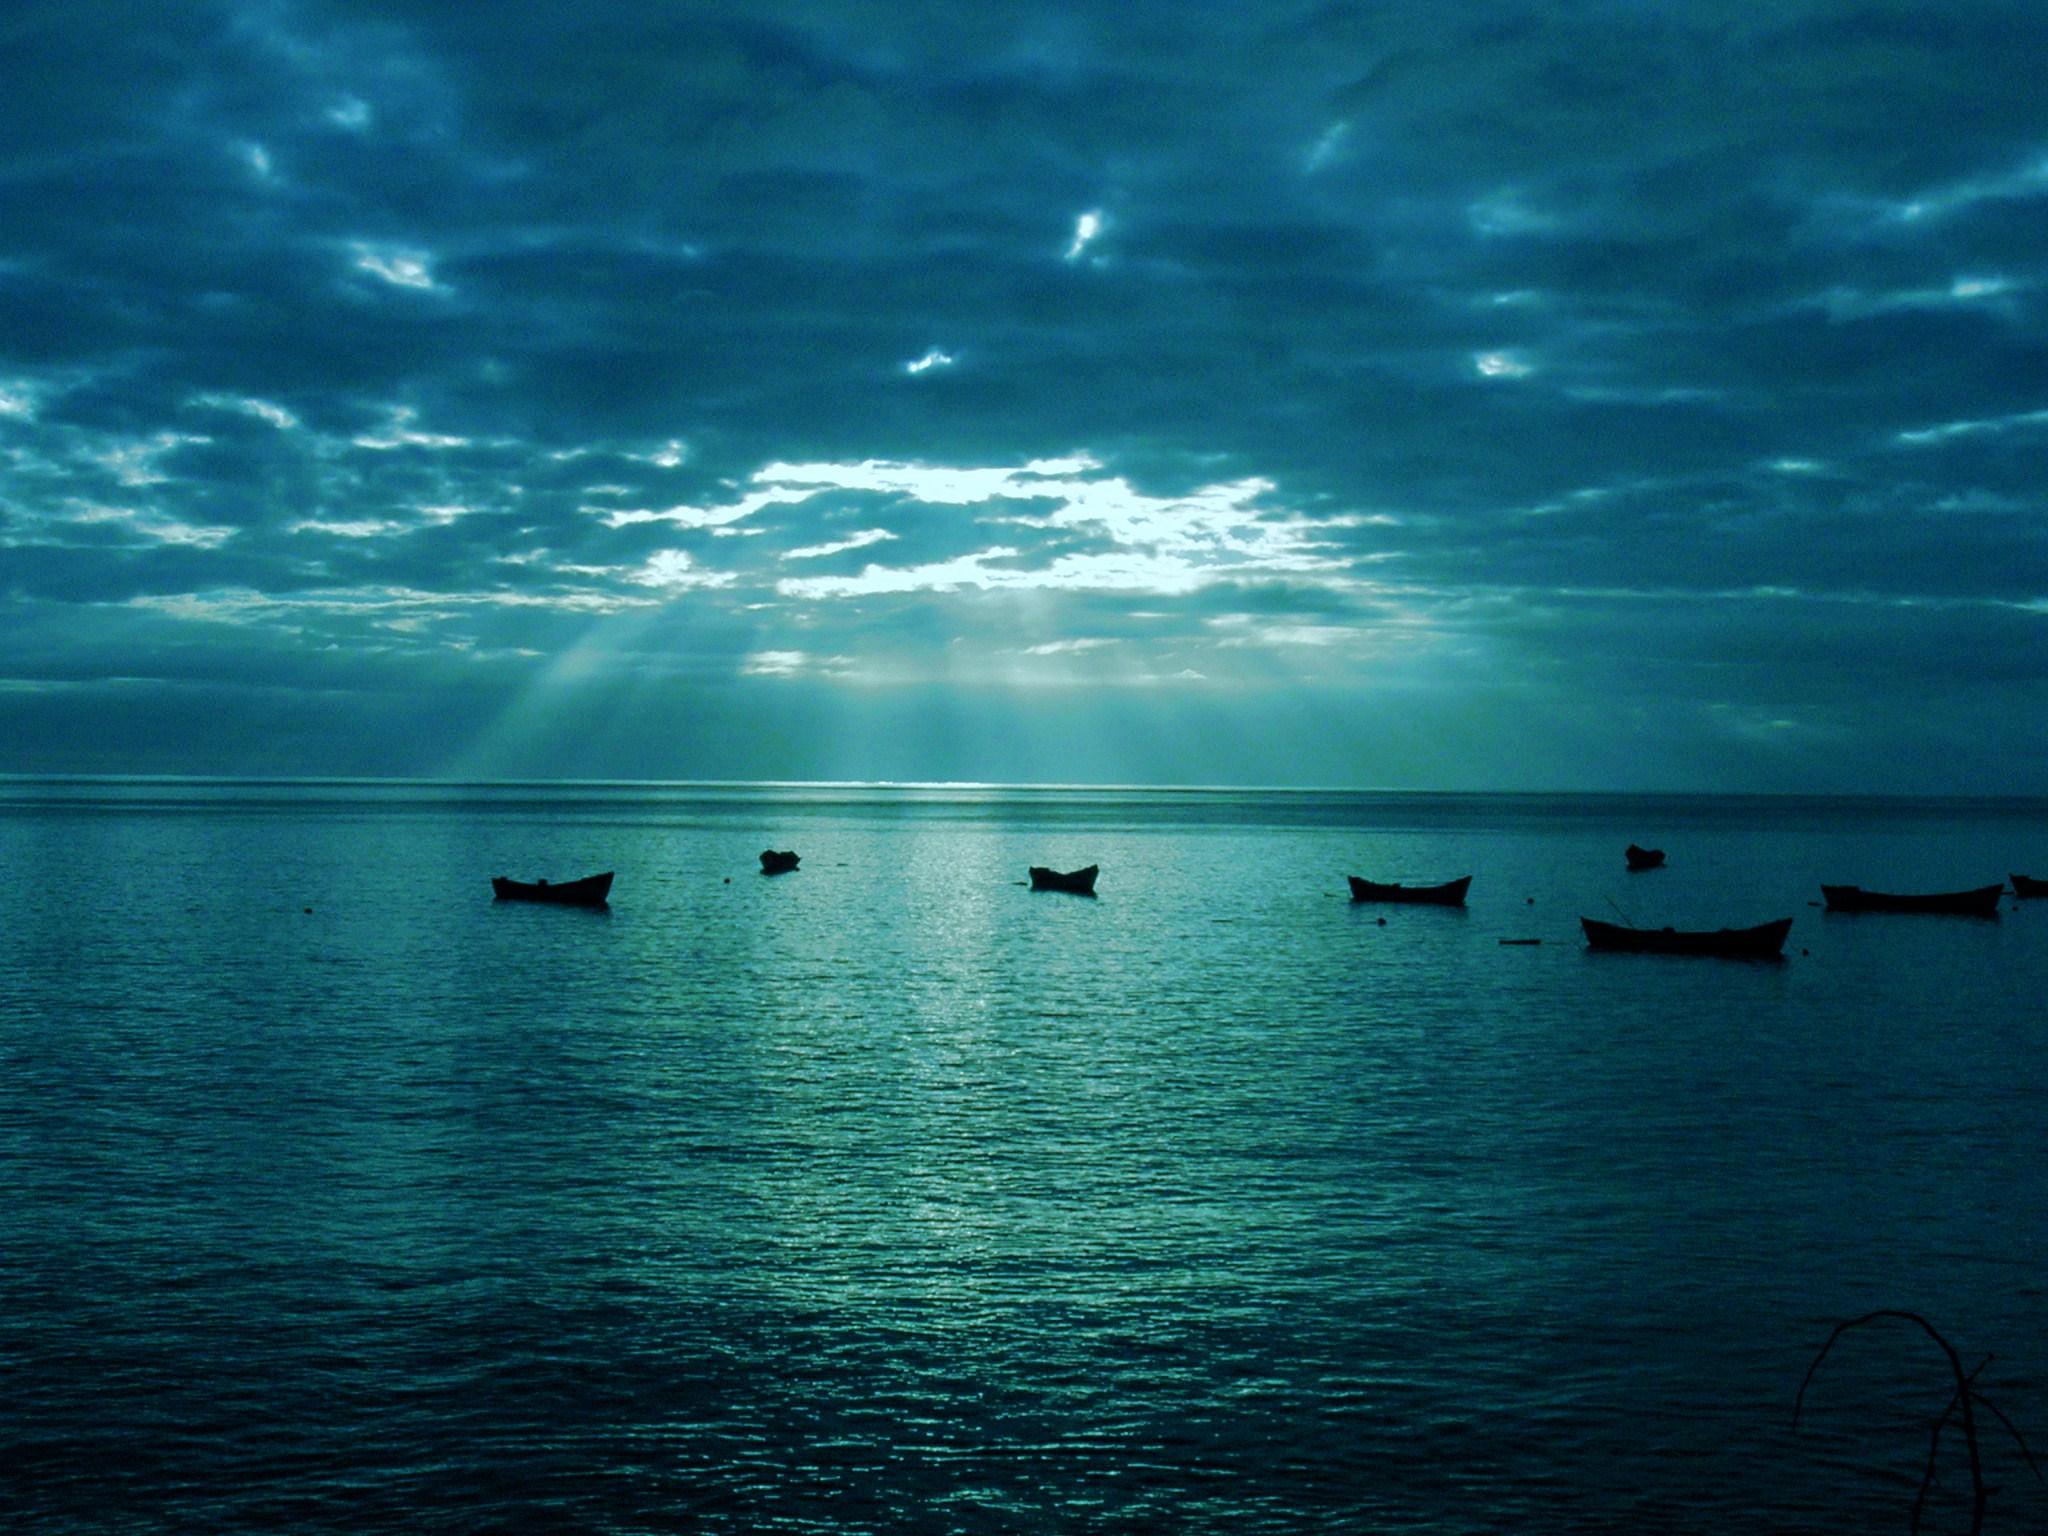 Blue Sea Wallpaper 2048x1536 Blue Sea Turkey Tekirdag Sea Of 2048x1536